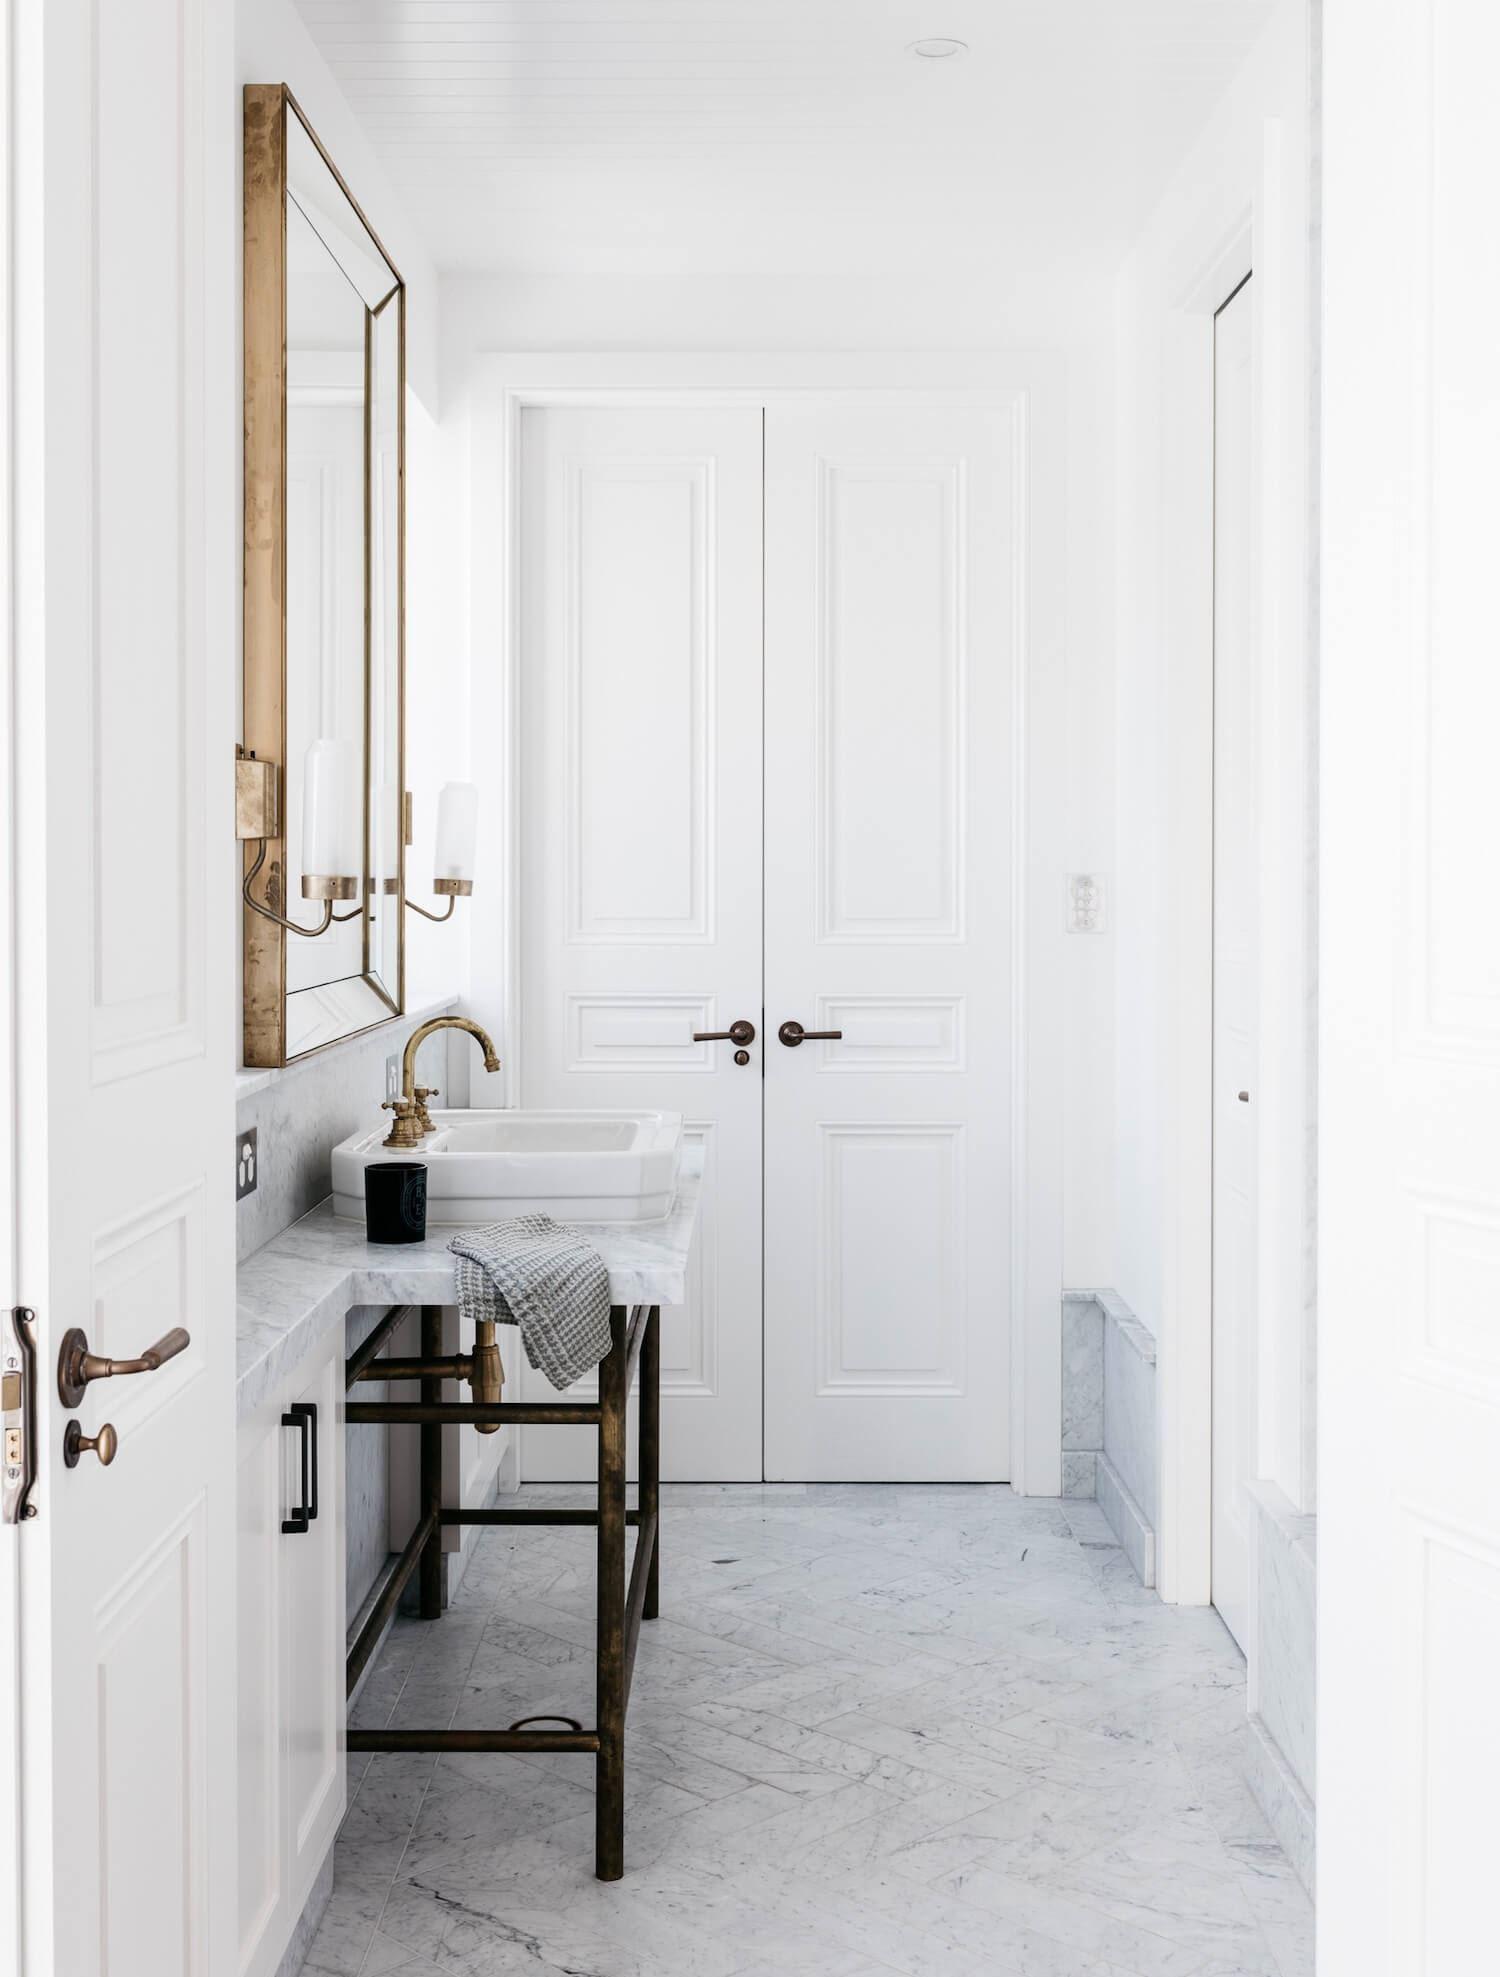 Baño de estilo ecléctico francés elegante